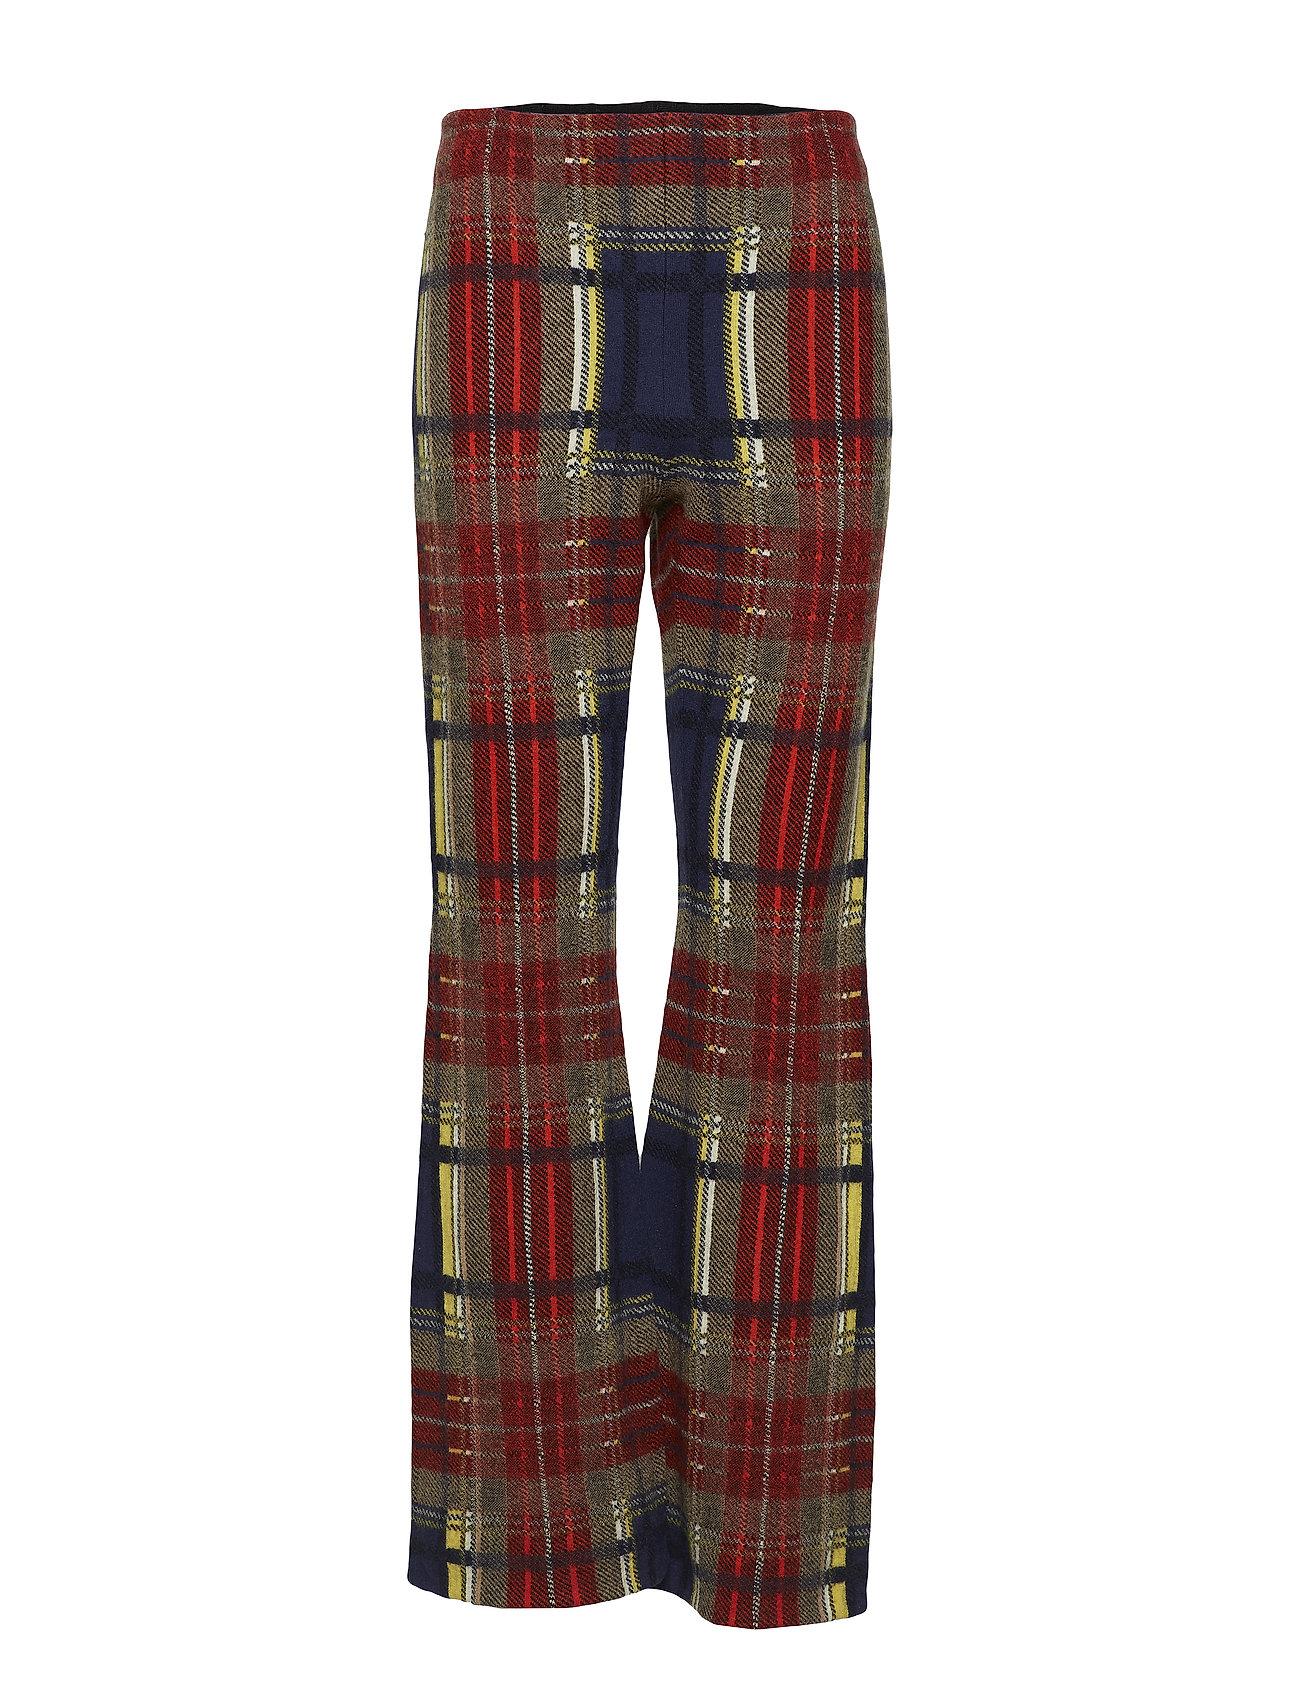 Image of Pantalon Bukser Med Svaj Multi/mønstret SONIA RYKIEL (3067542711)